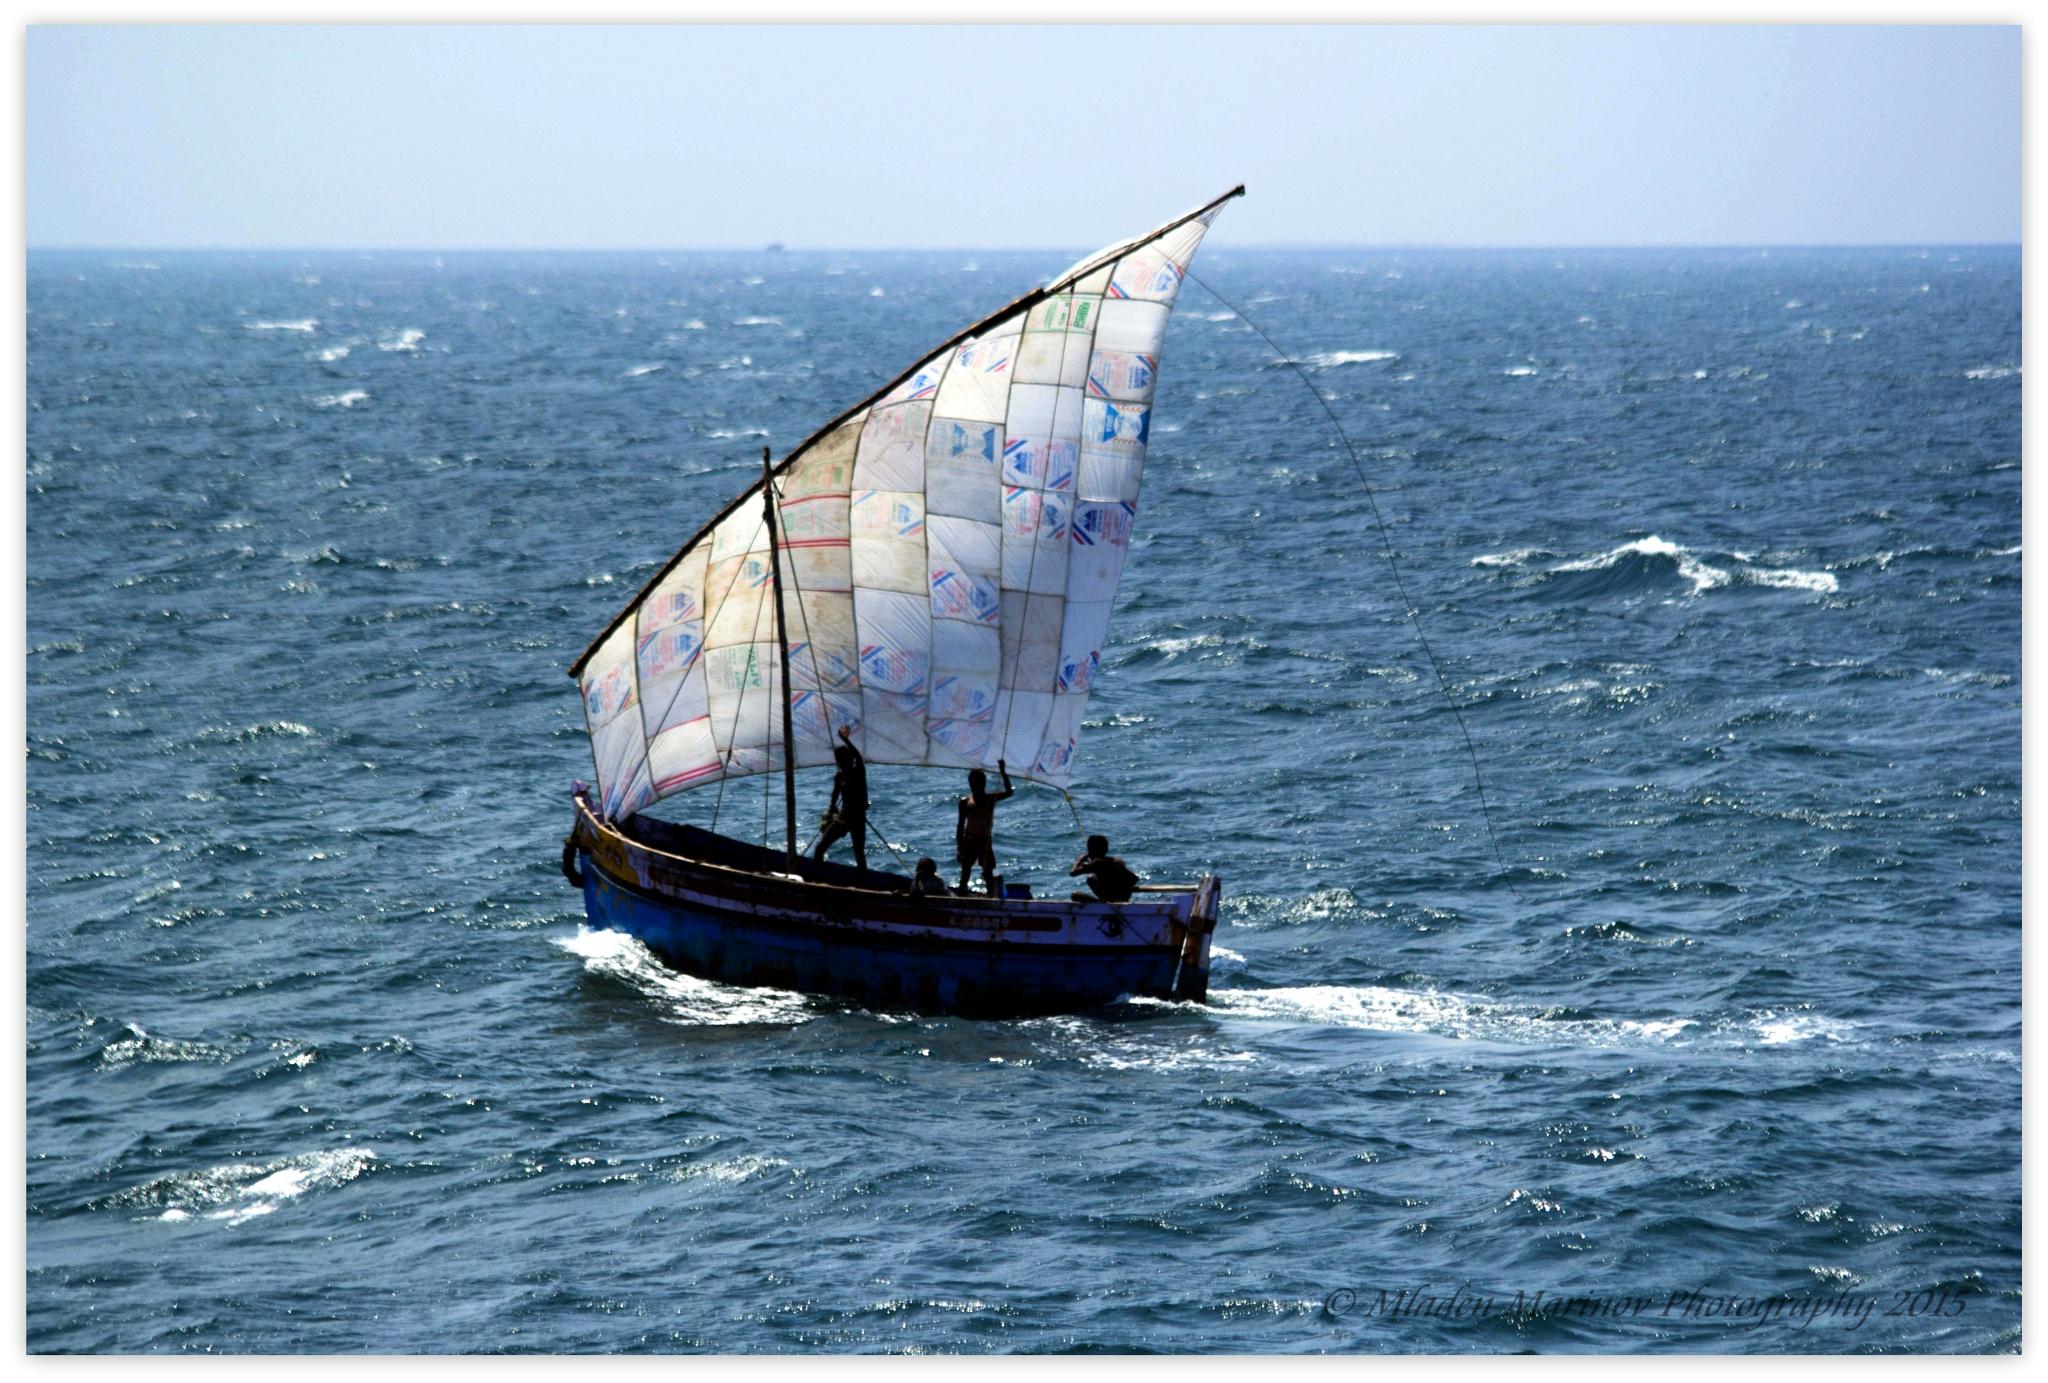 Sailboat by Mladen Marinov (MM)